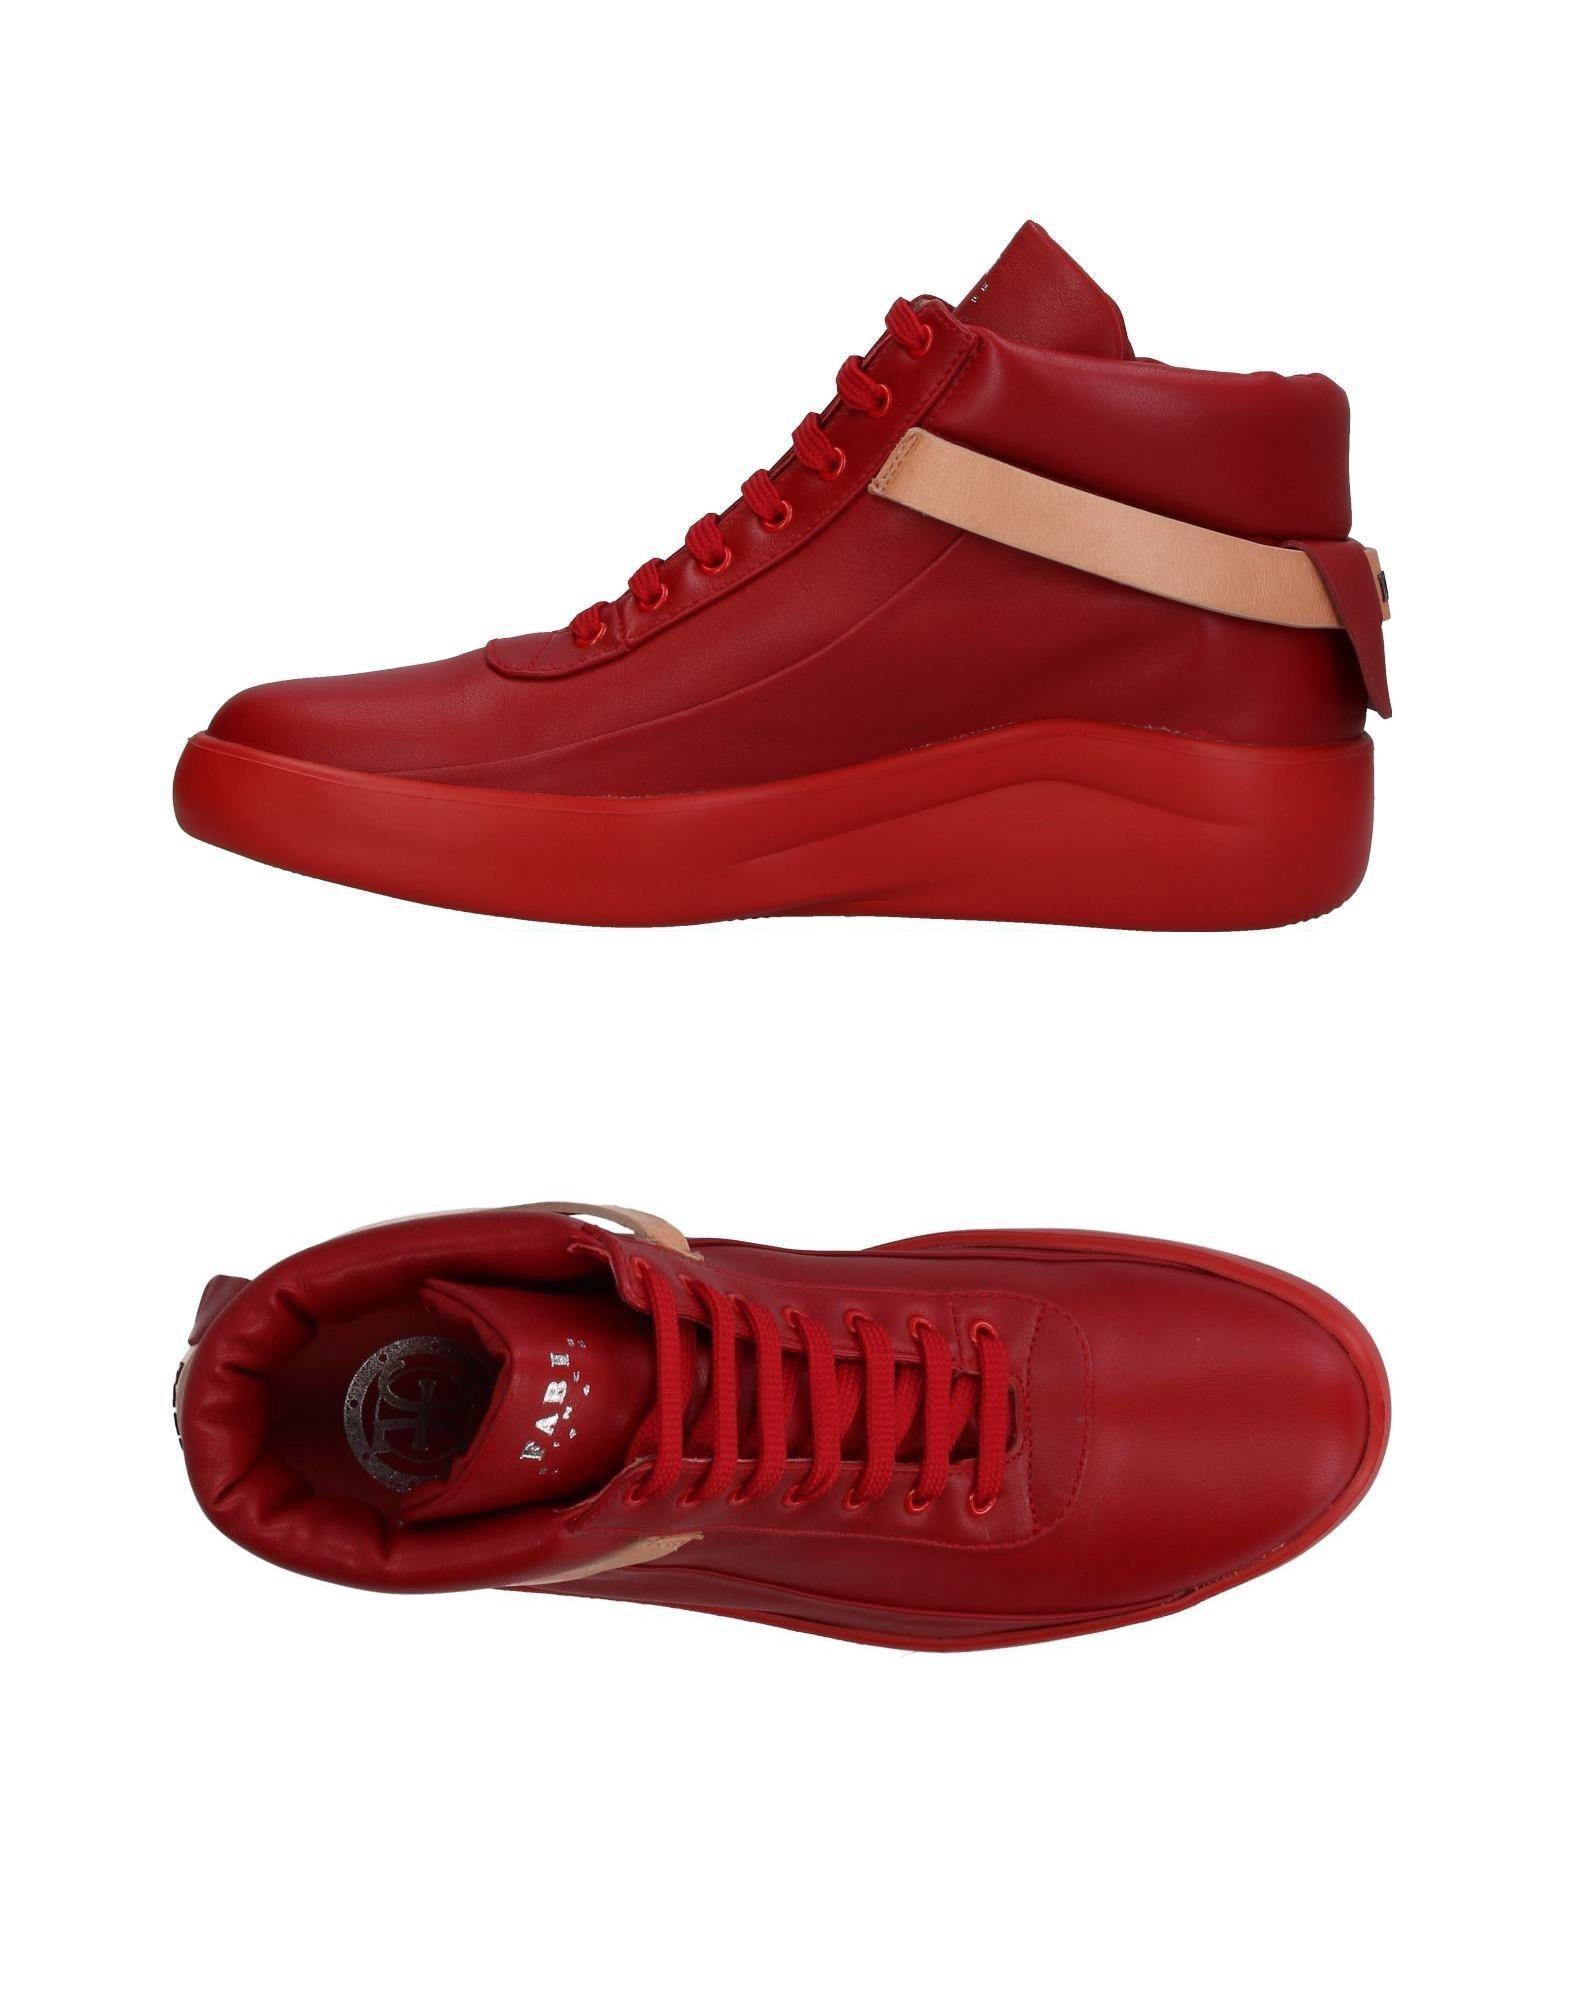 Fabi-tops Et Hauts Chaussures De Sport FyliacbQp3